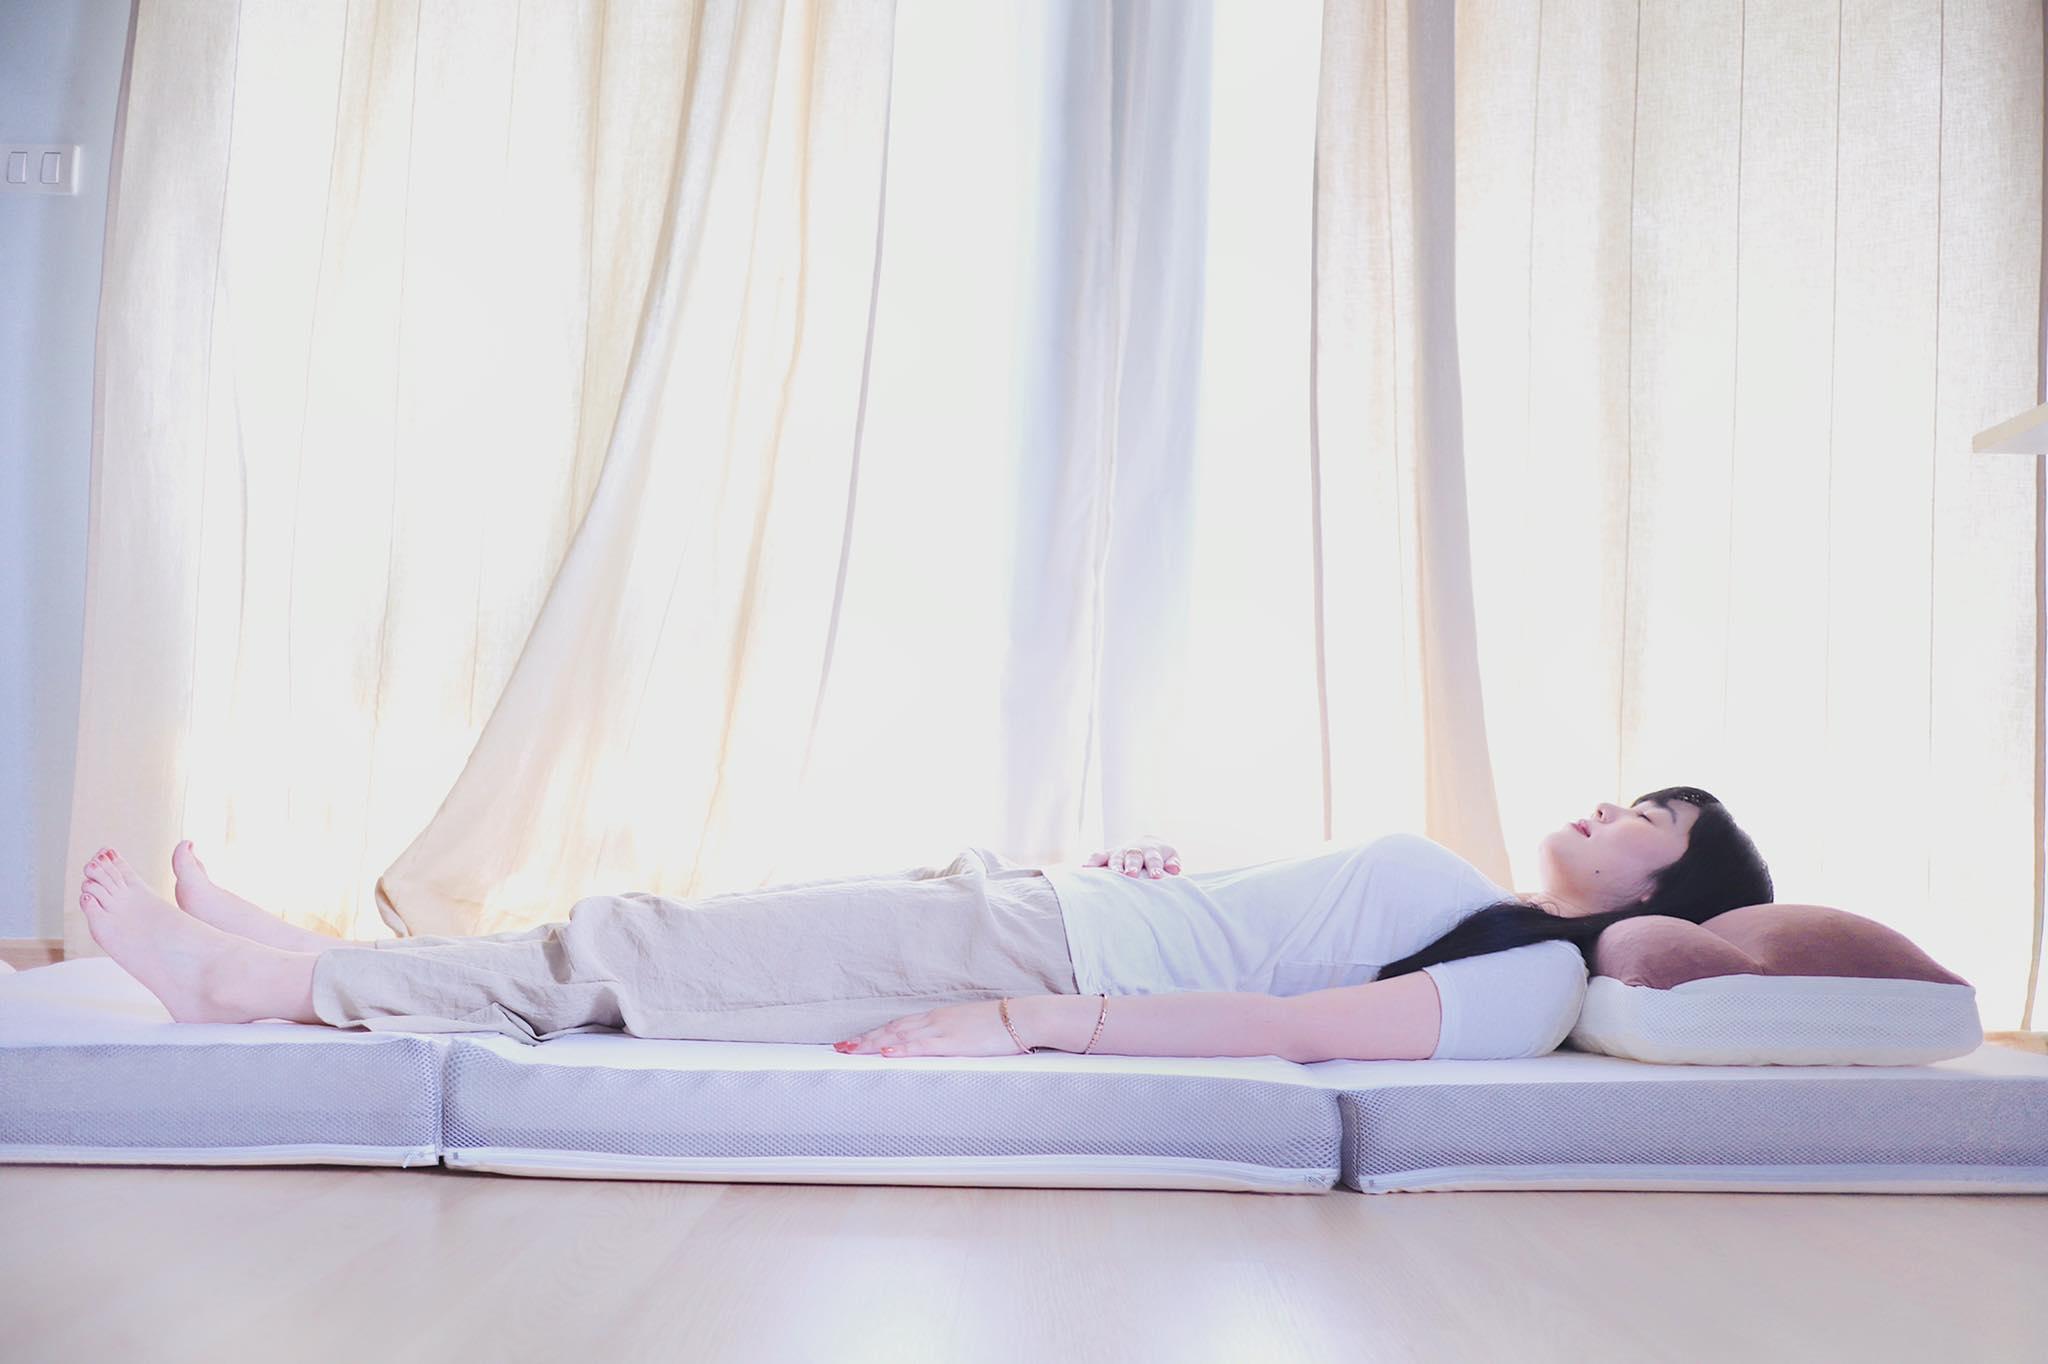 รีวิวหมอนและที่นอนเพื่อนสุขภาพ Kenko Shop โดยเพจจับแฟนฟิตหุ่น